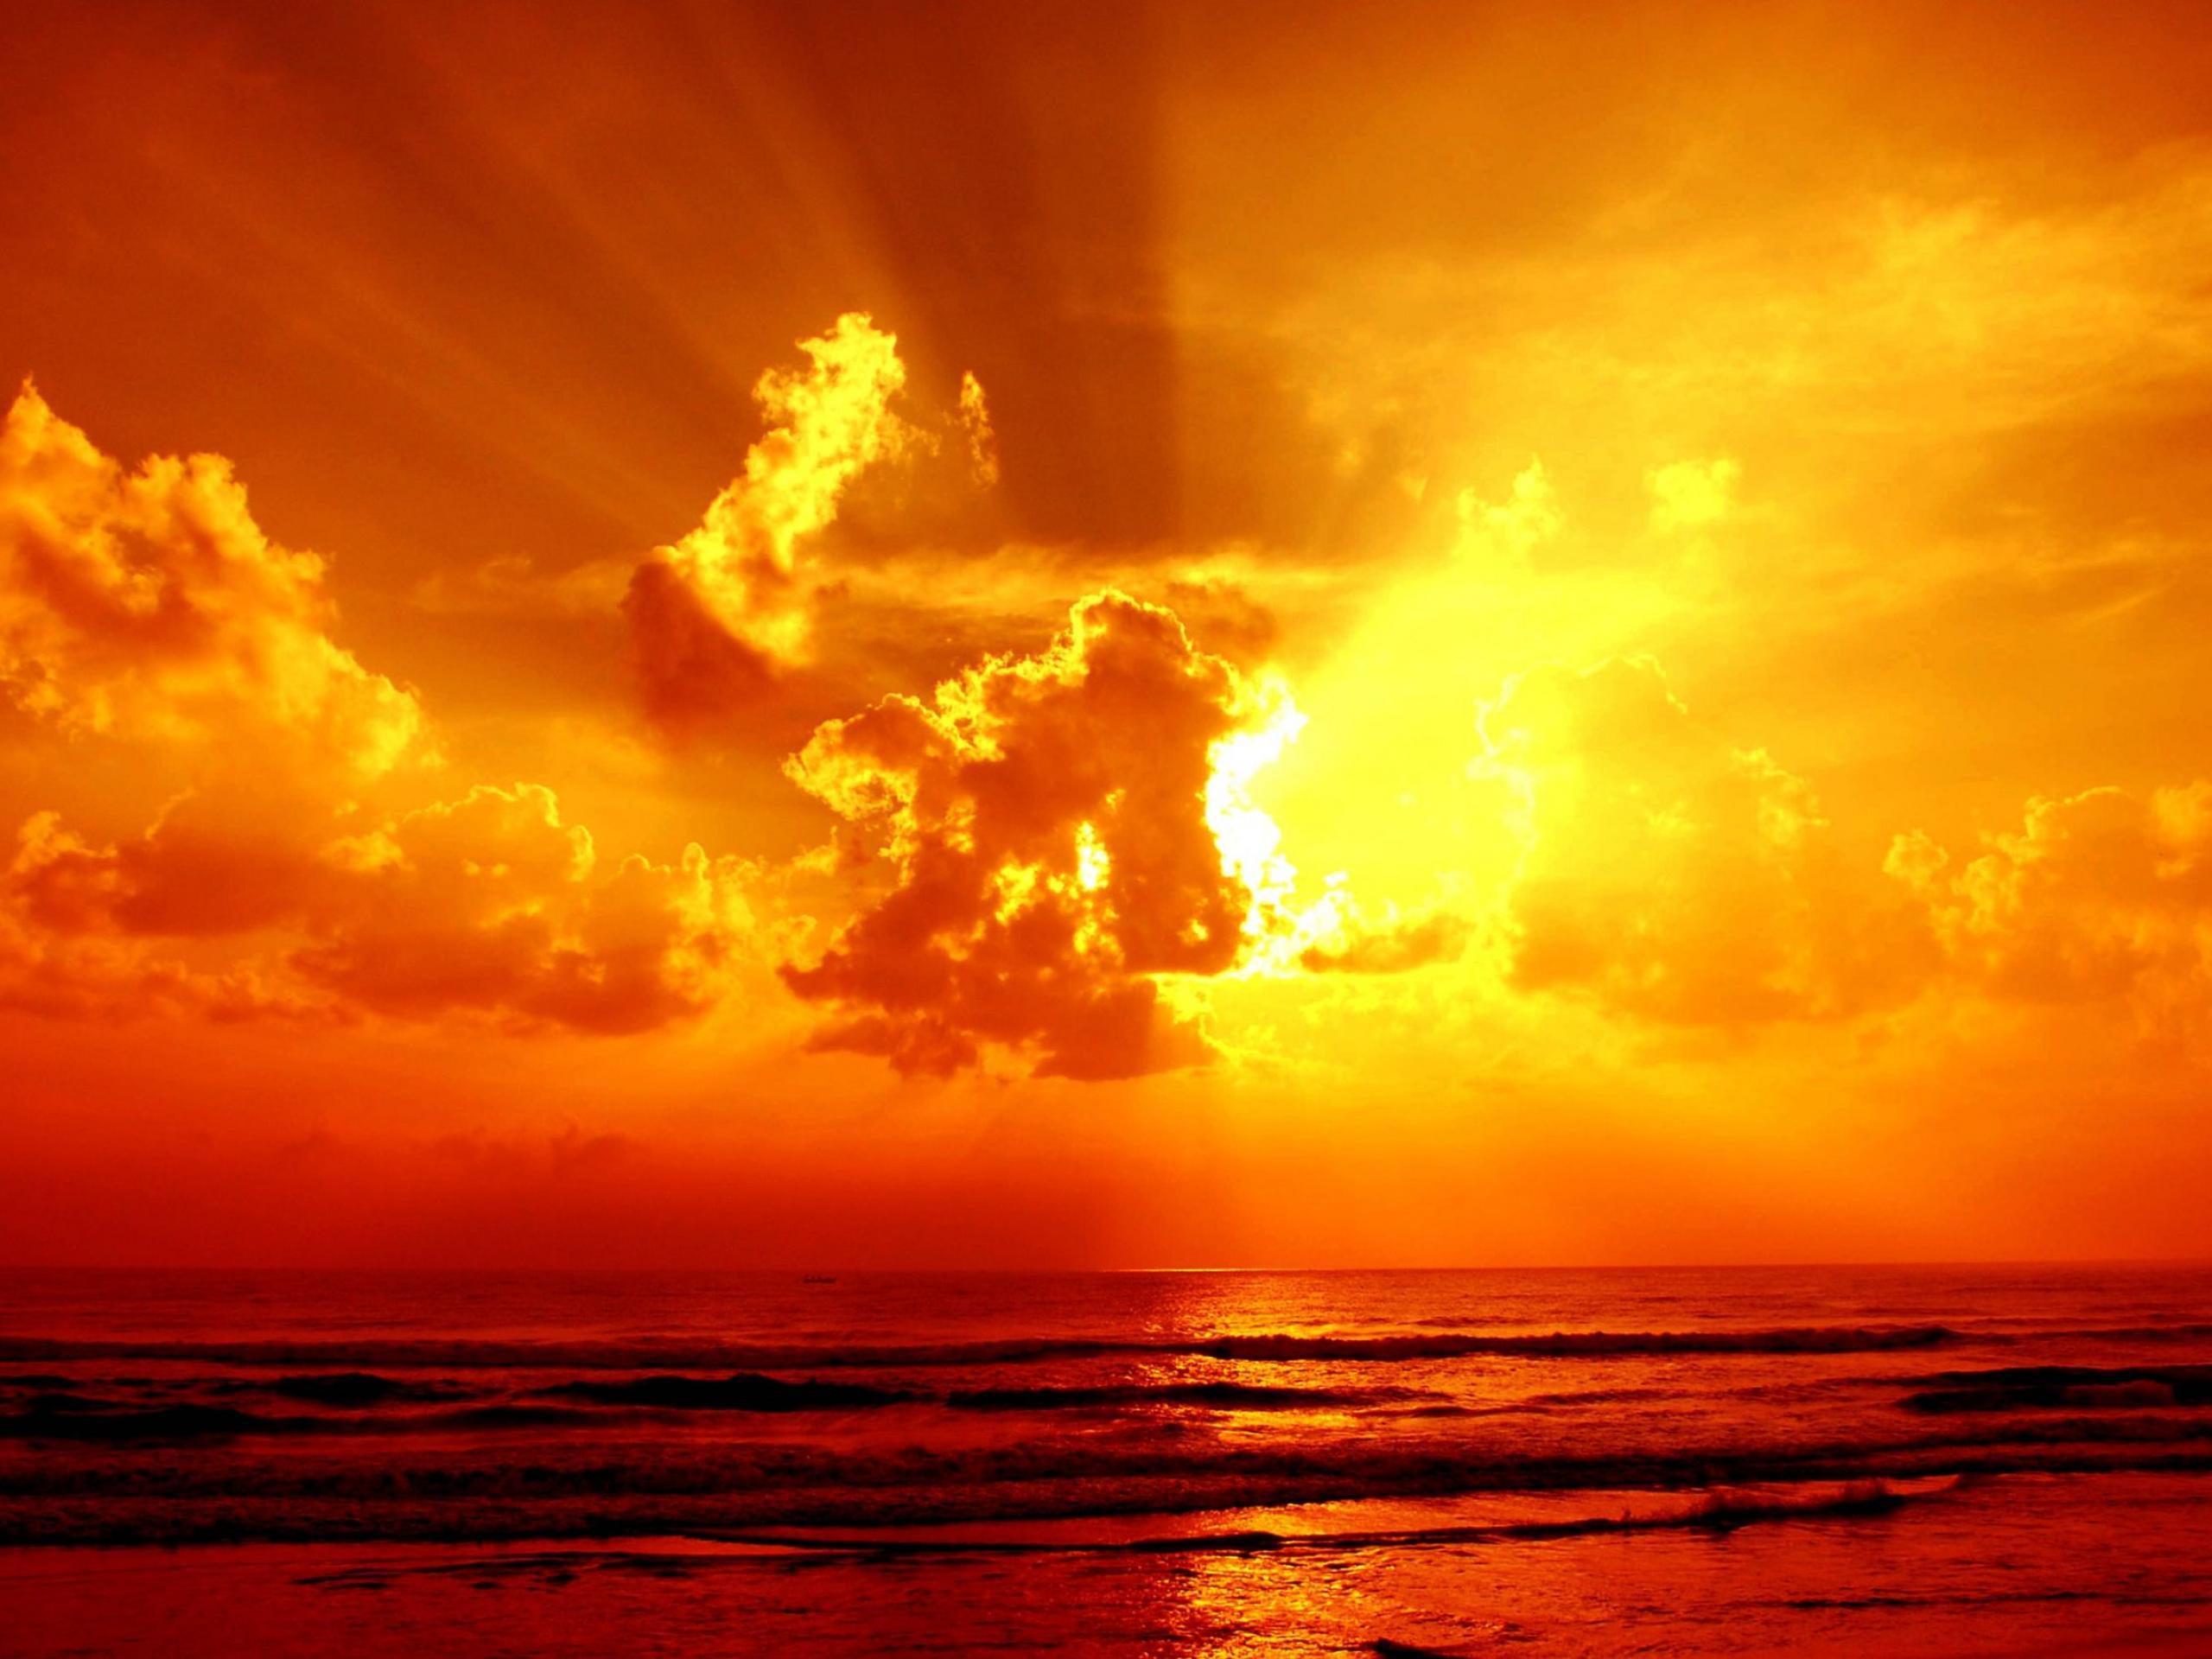 CloudsSeaOceanSkySunriseSunsetOrangeColor1920x2560